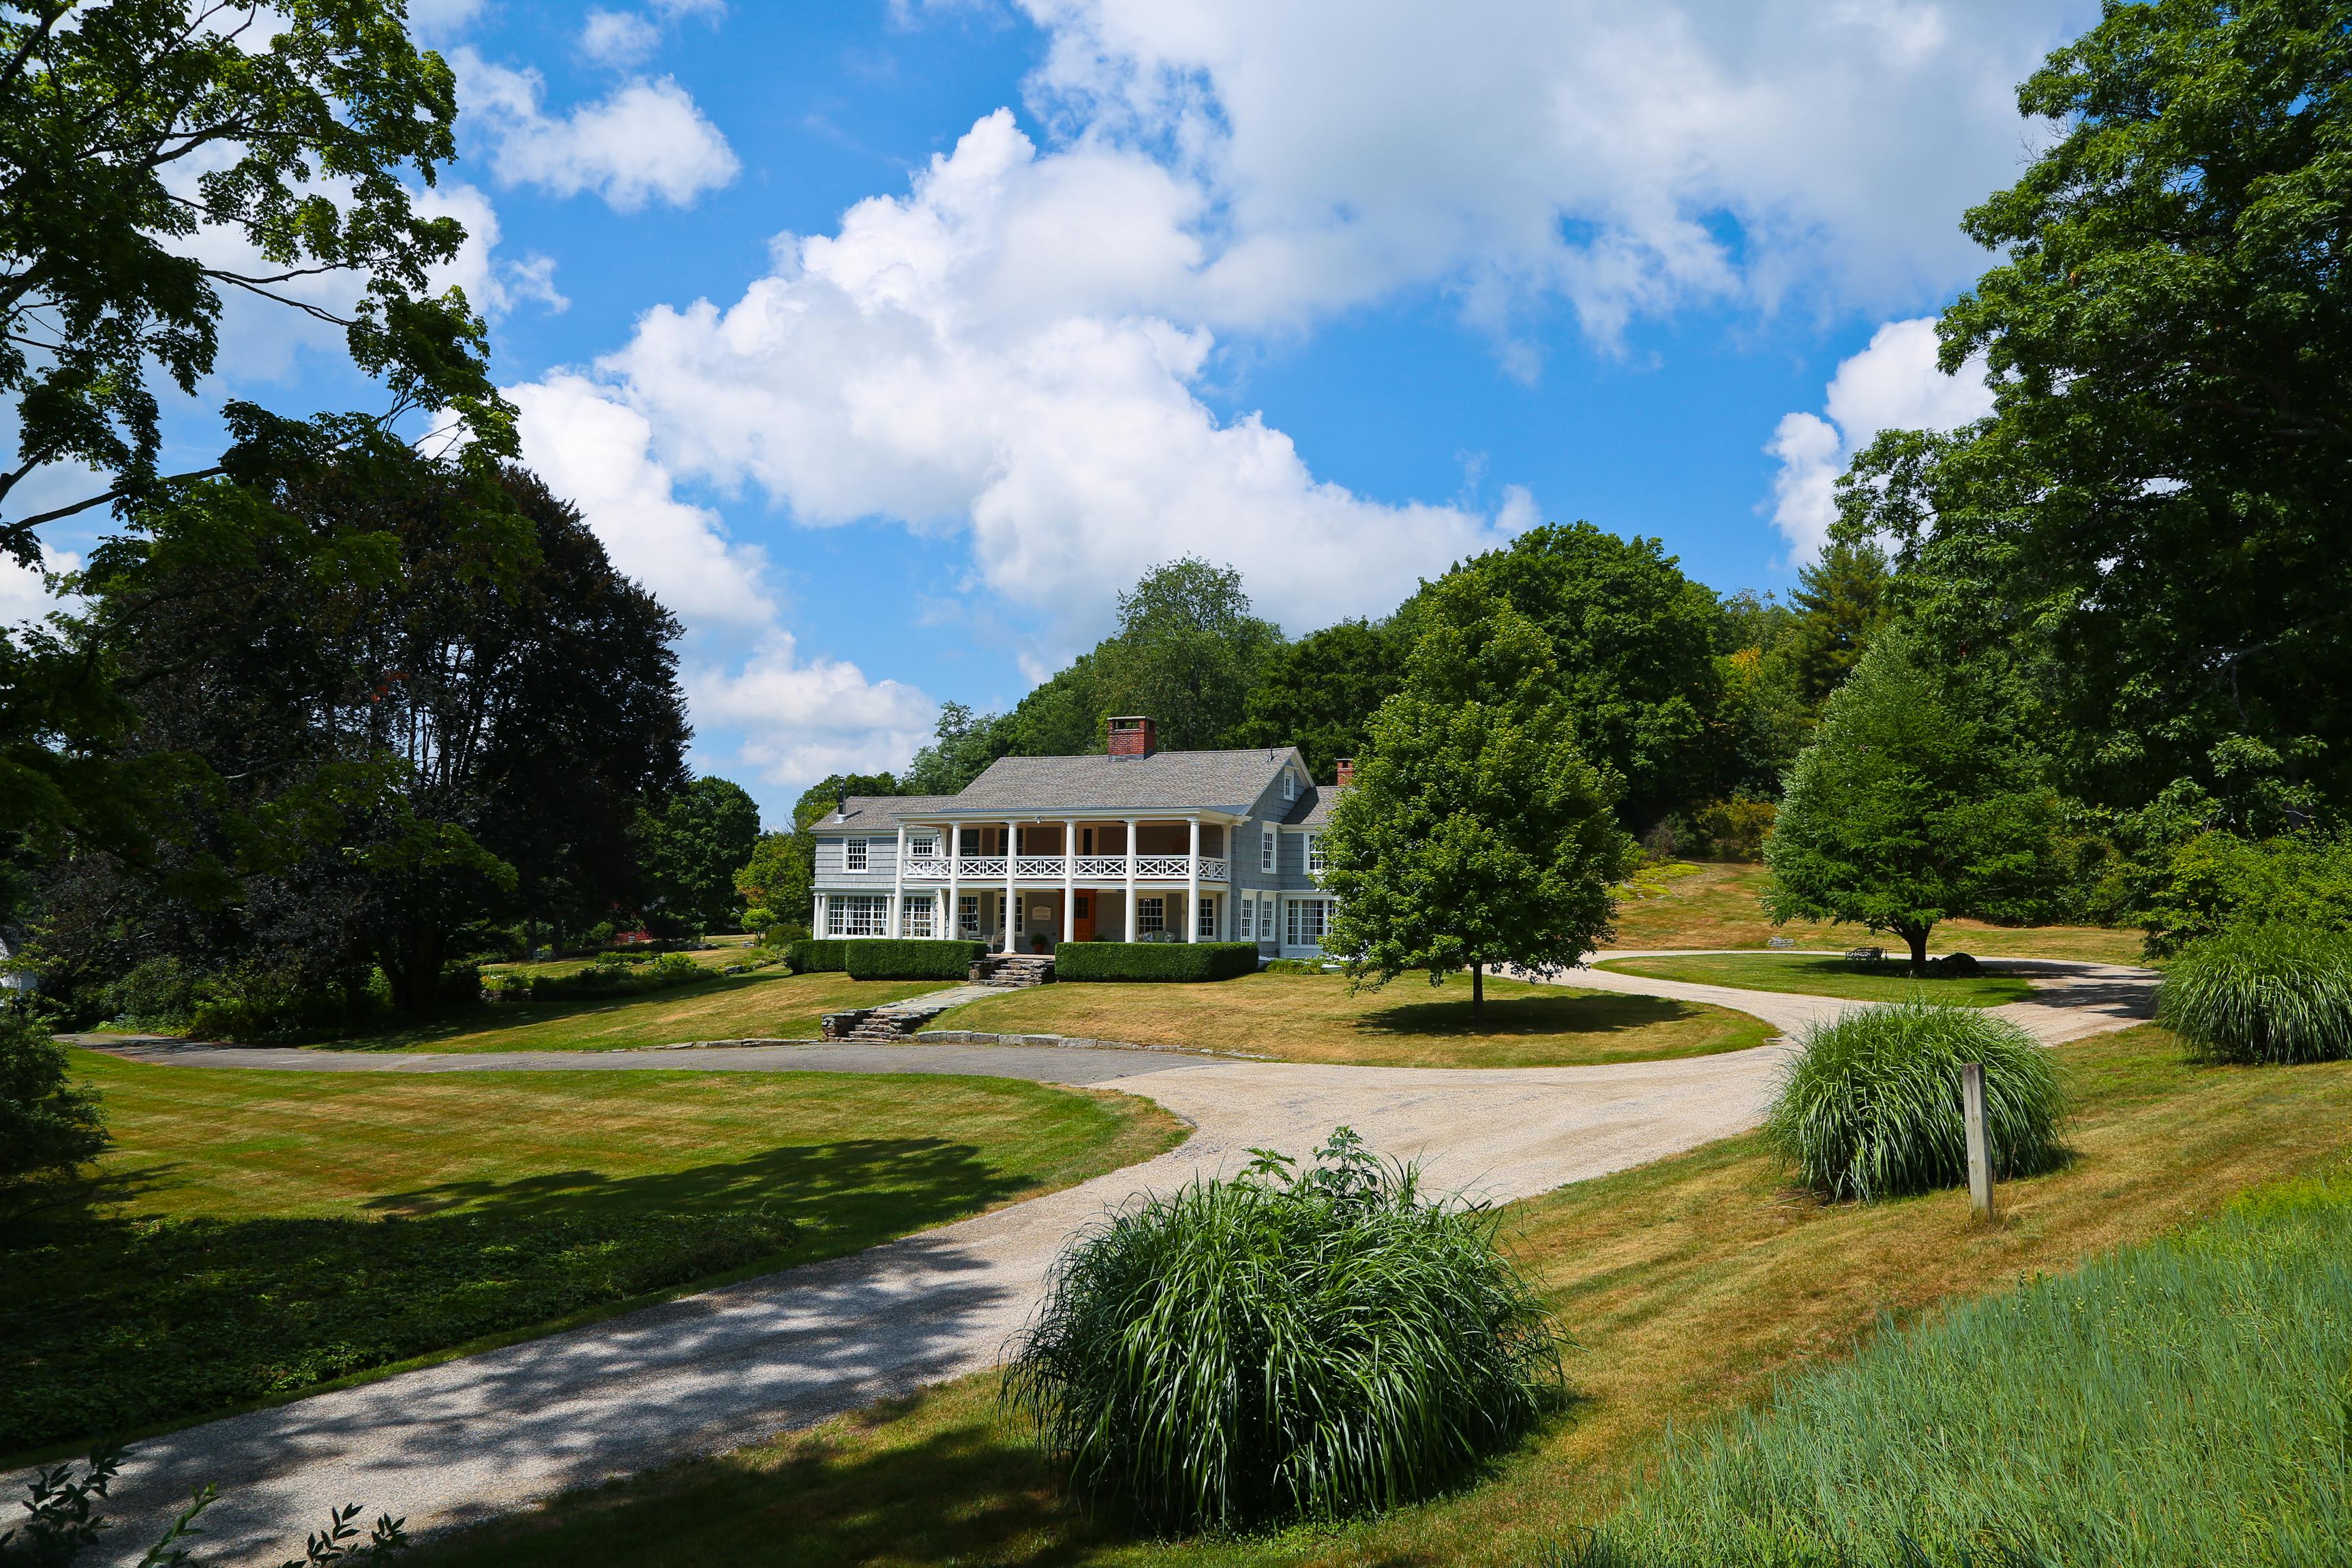 独户住宅 为 销售 在 Magnificent Norfolk Estate 98 Sunset Ridge Rd 诺福克郡, 康涅狄格州, 06058 美国